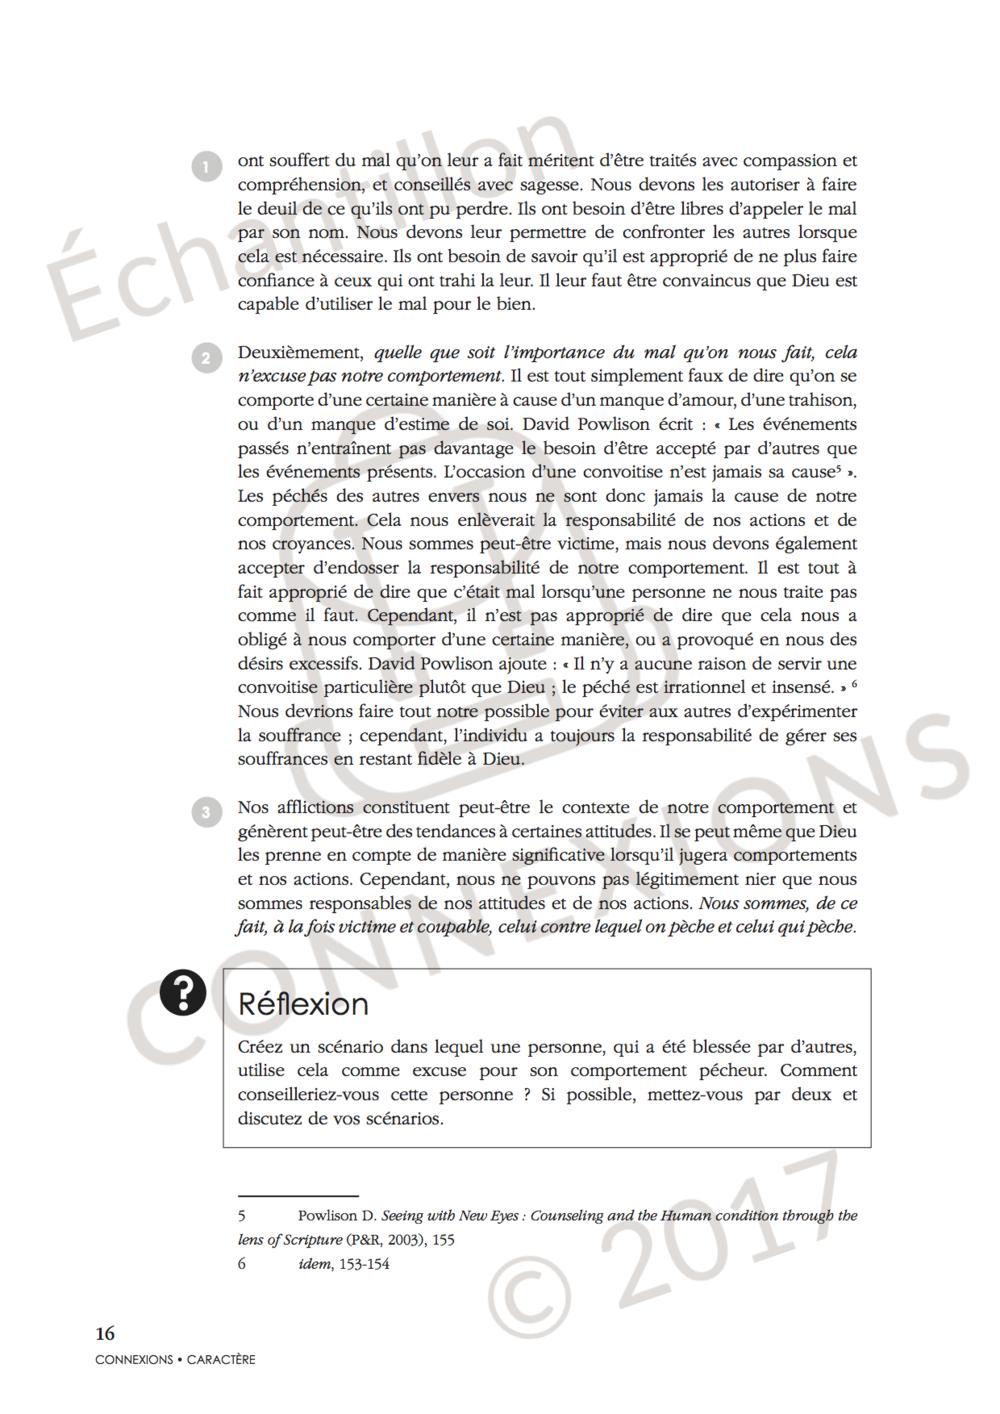 L'Évangile au cœur de la transformation_sample_published.5.png